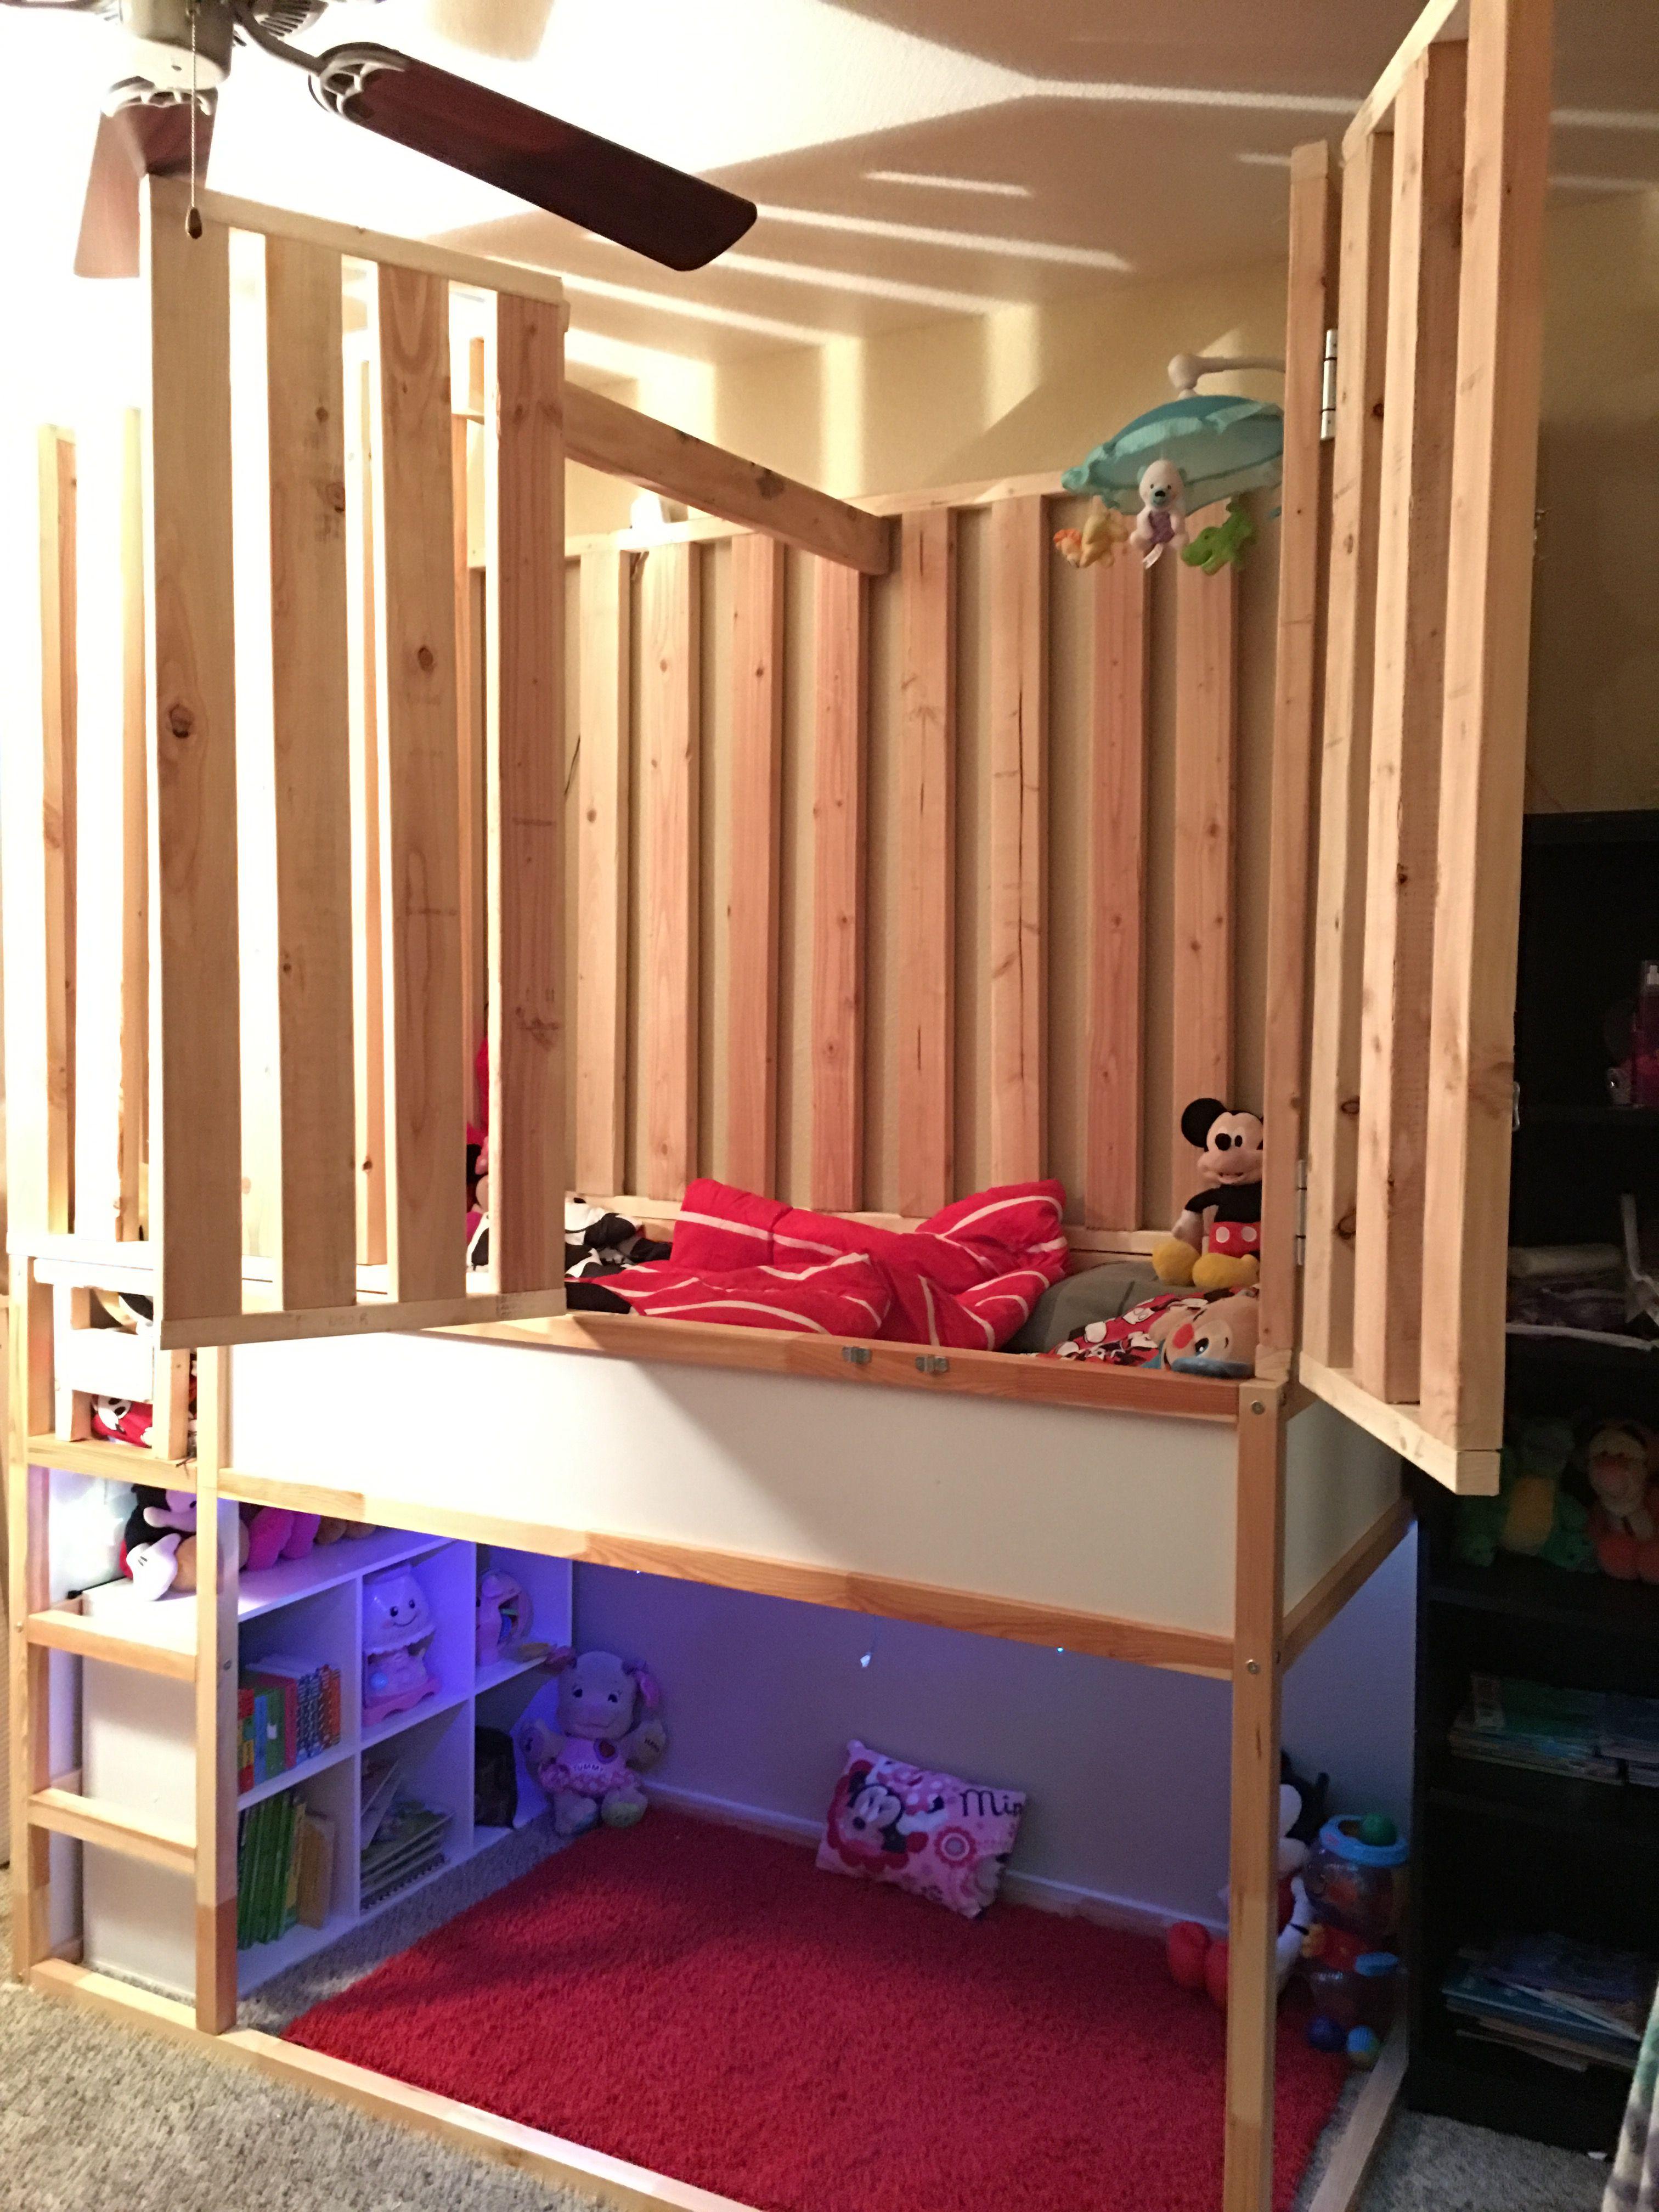 DIY Special Needs Bed Under 300 IKEA kura bed with